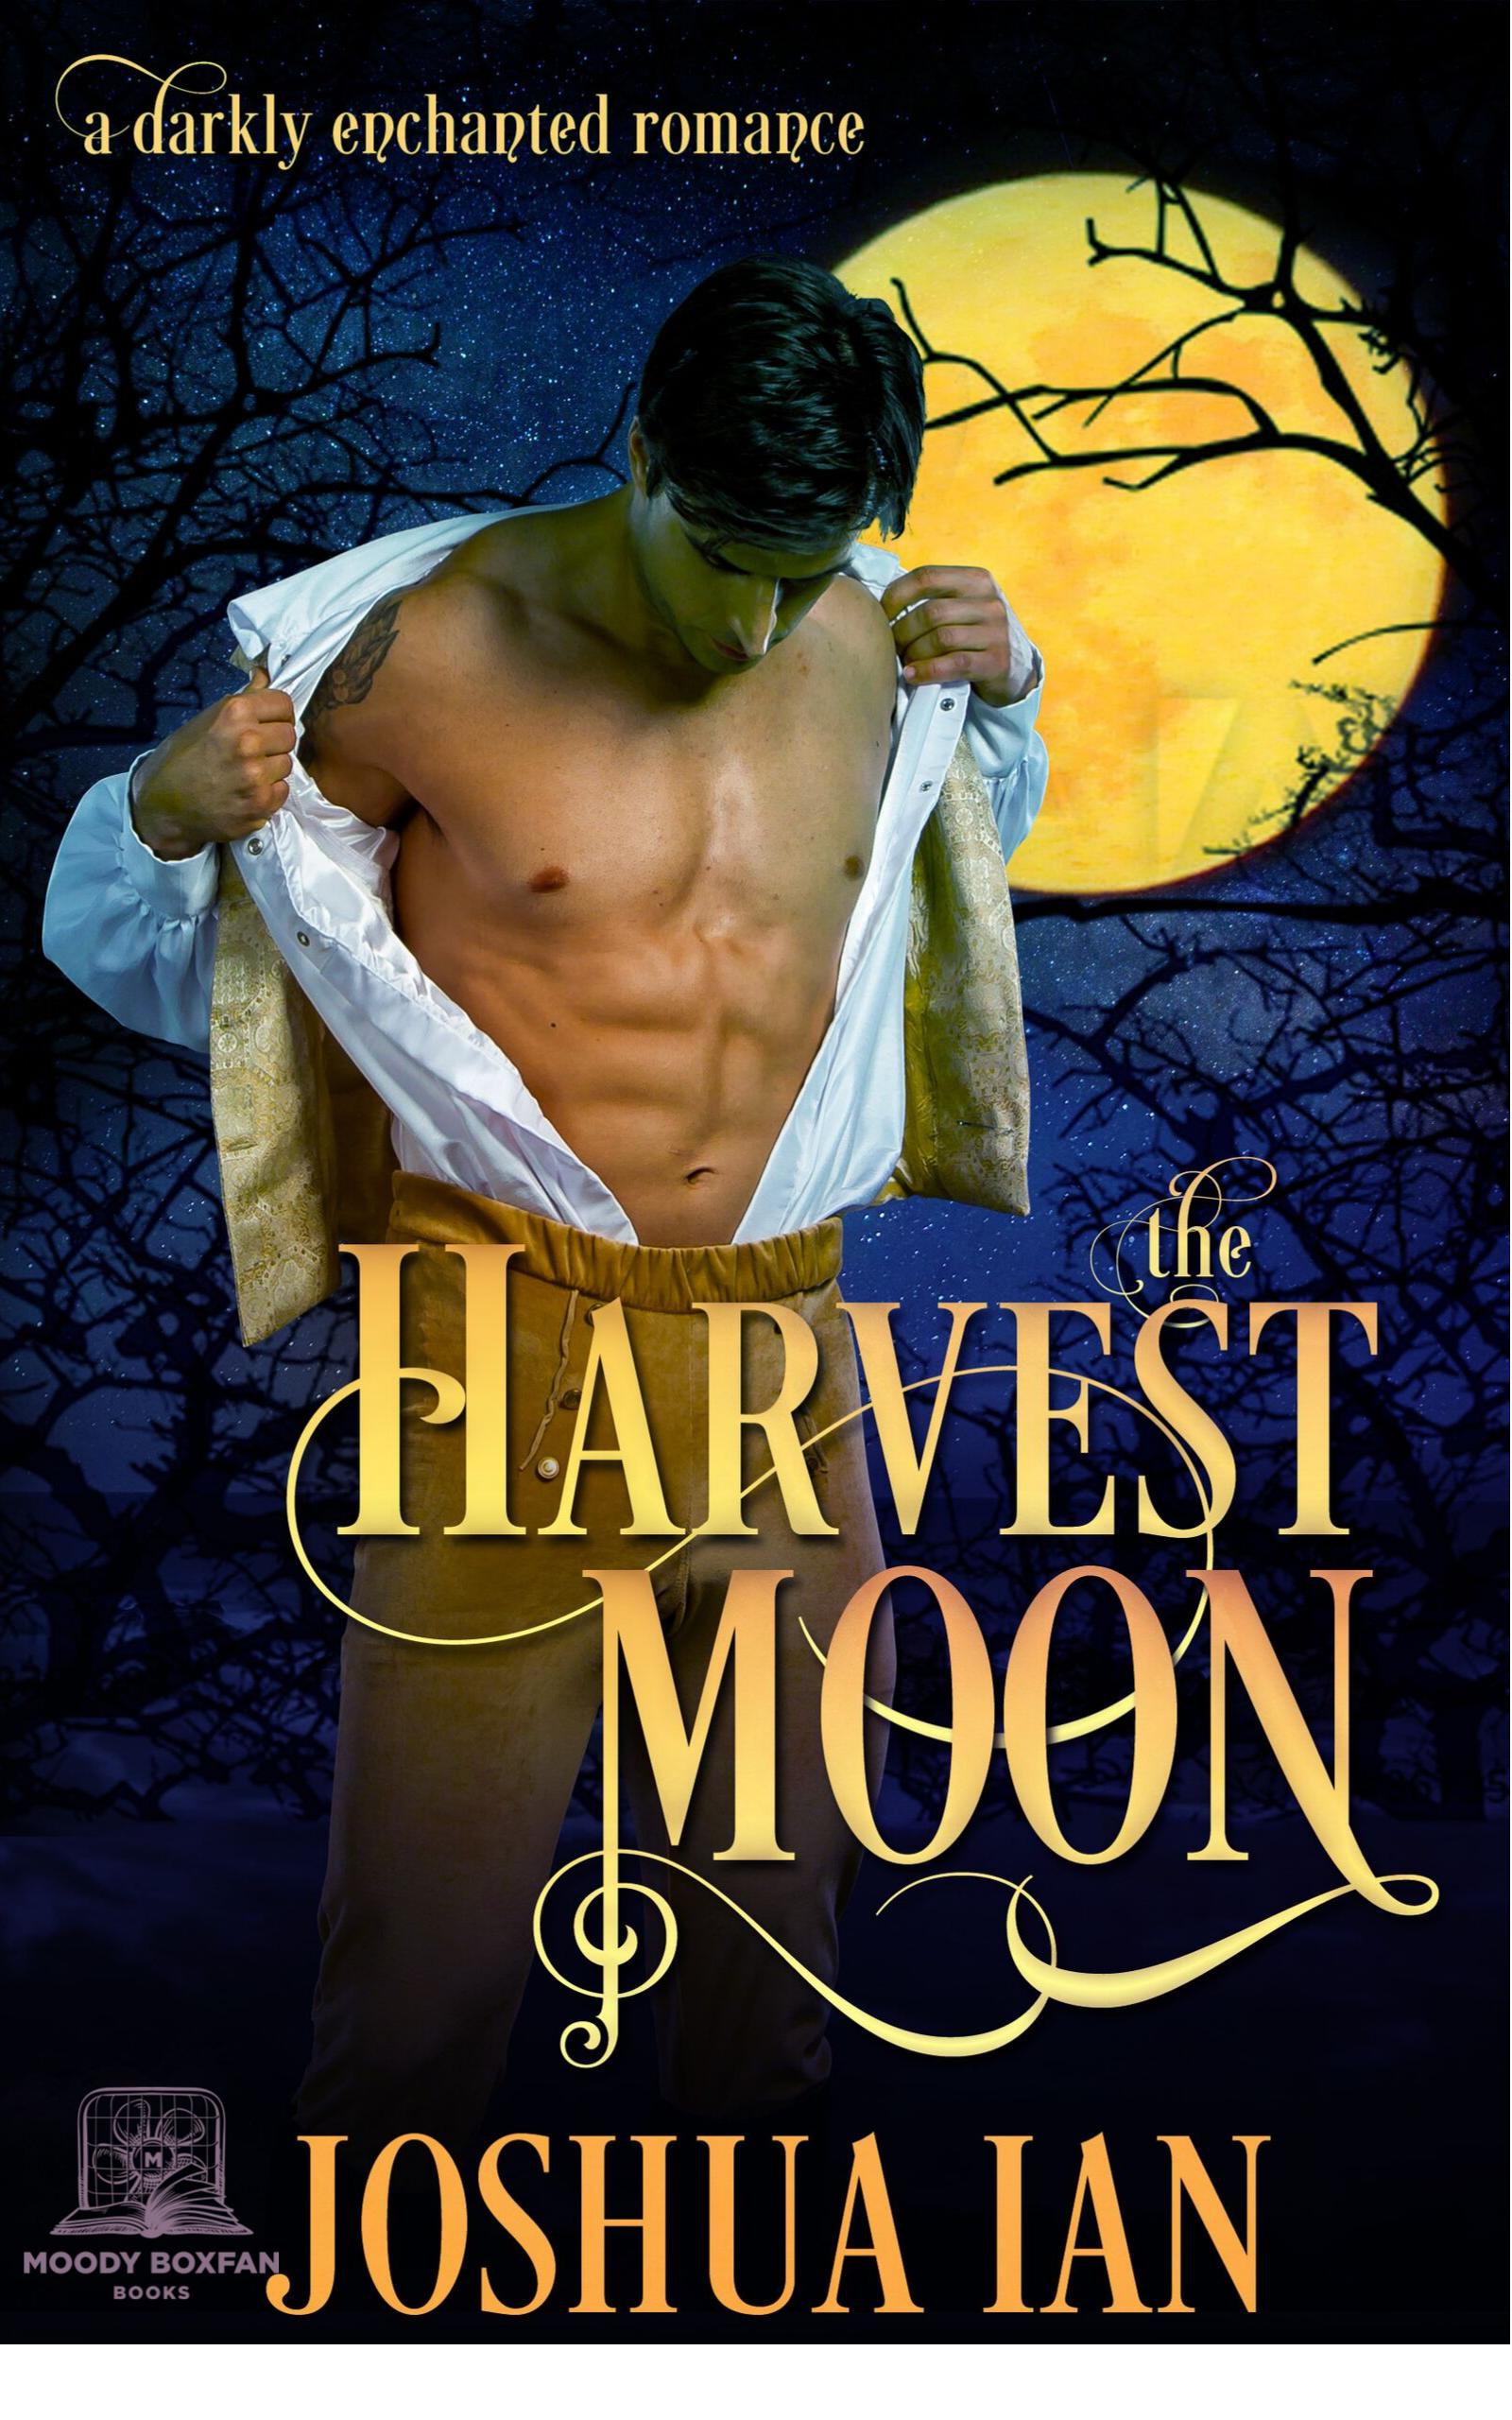 The Harvest Moon by Joshua Ian